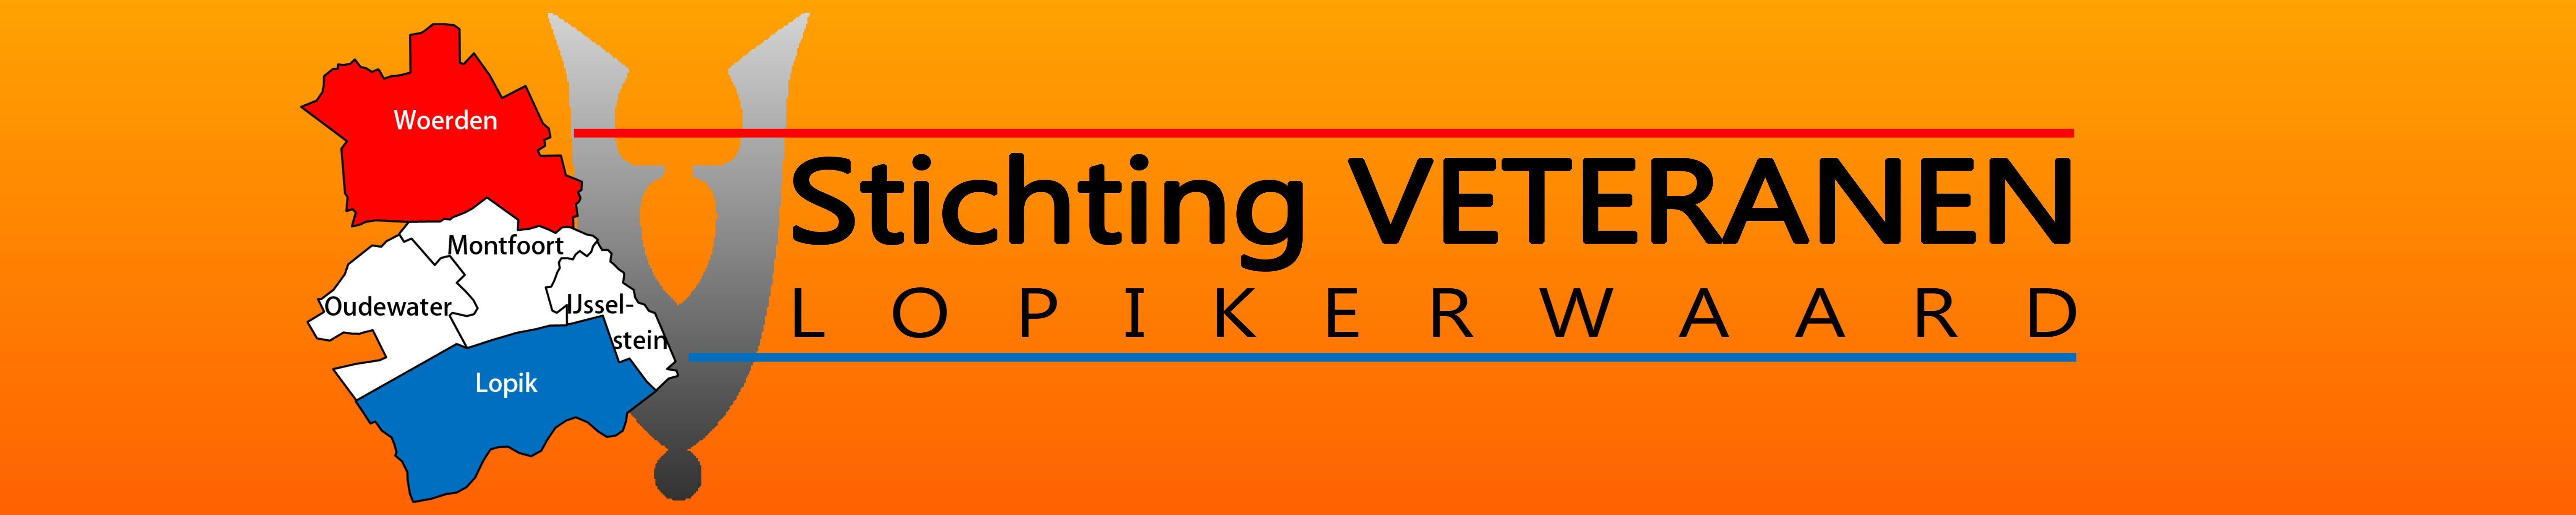 Stichting Veteranen Lopikerwaard